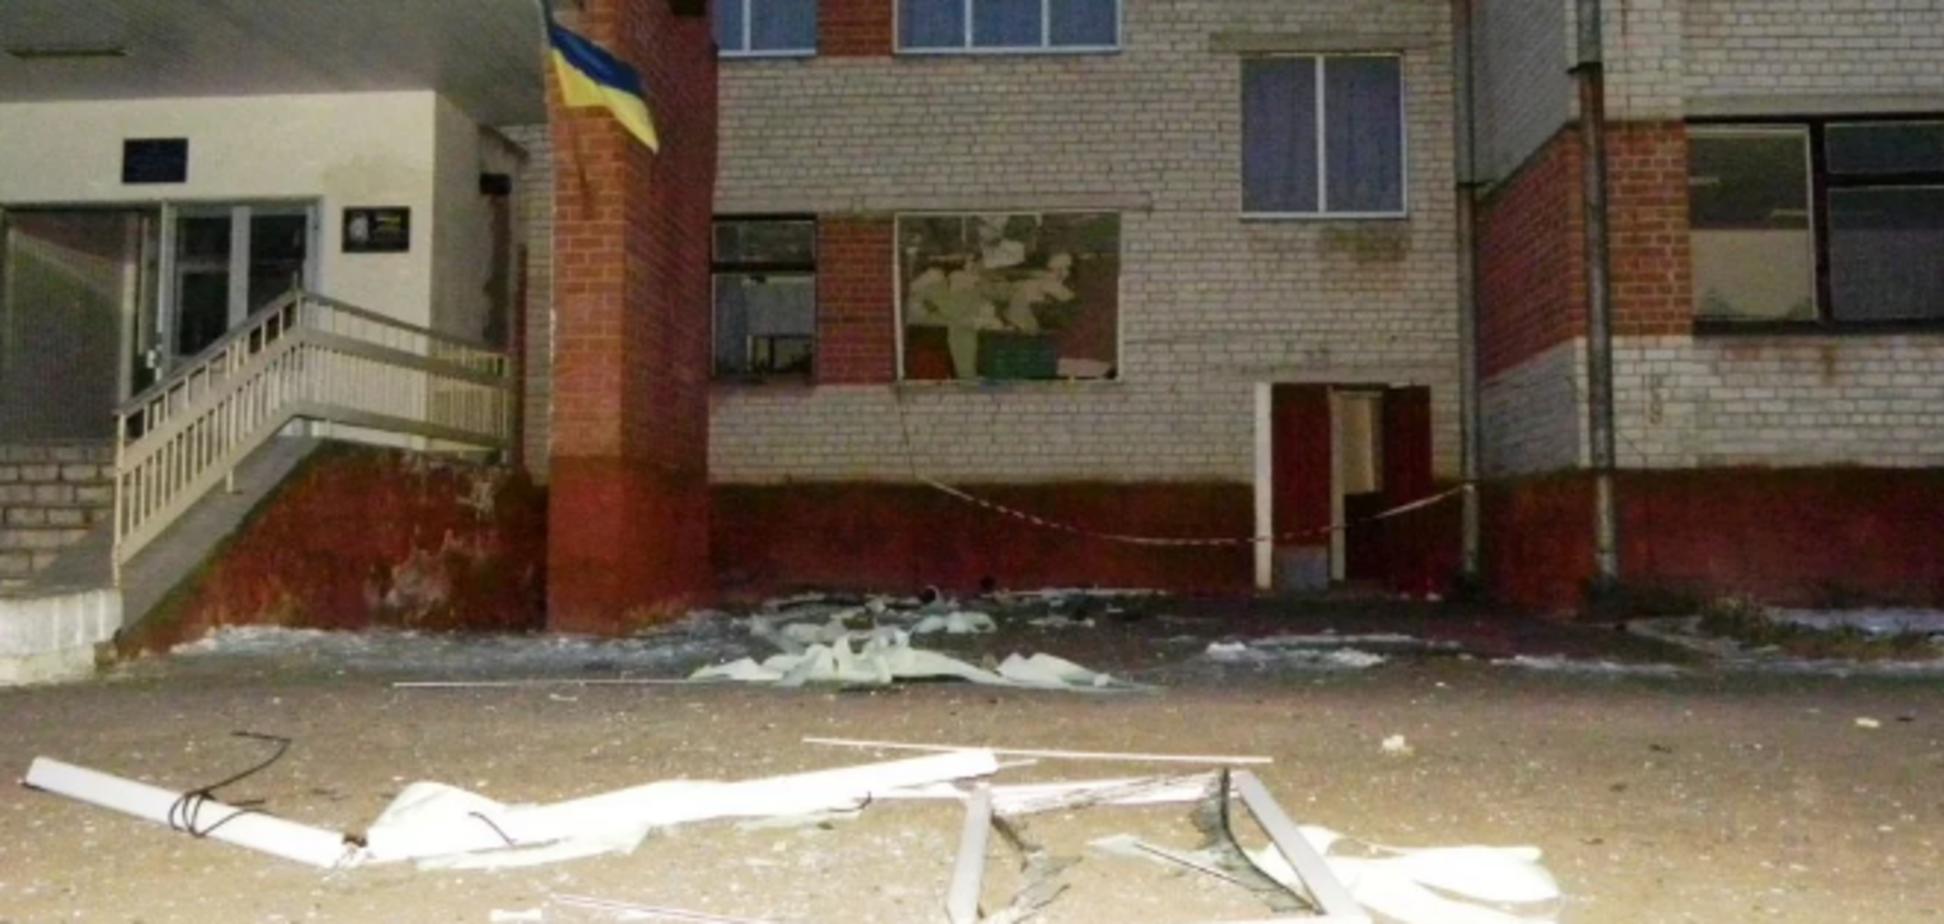 Волонтеру, убившему учительницу из гранатомета, отменили тюремный приговор